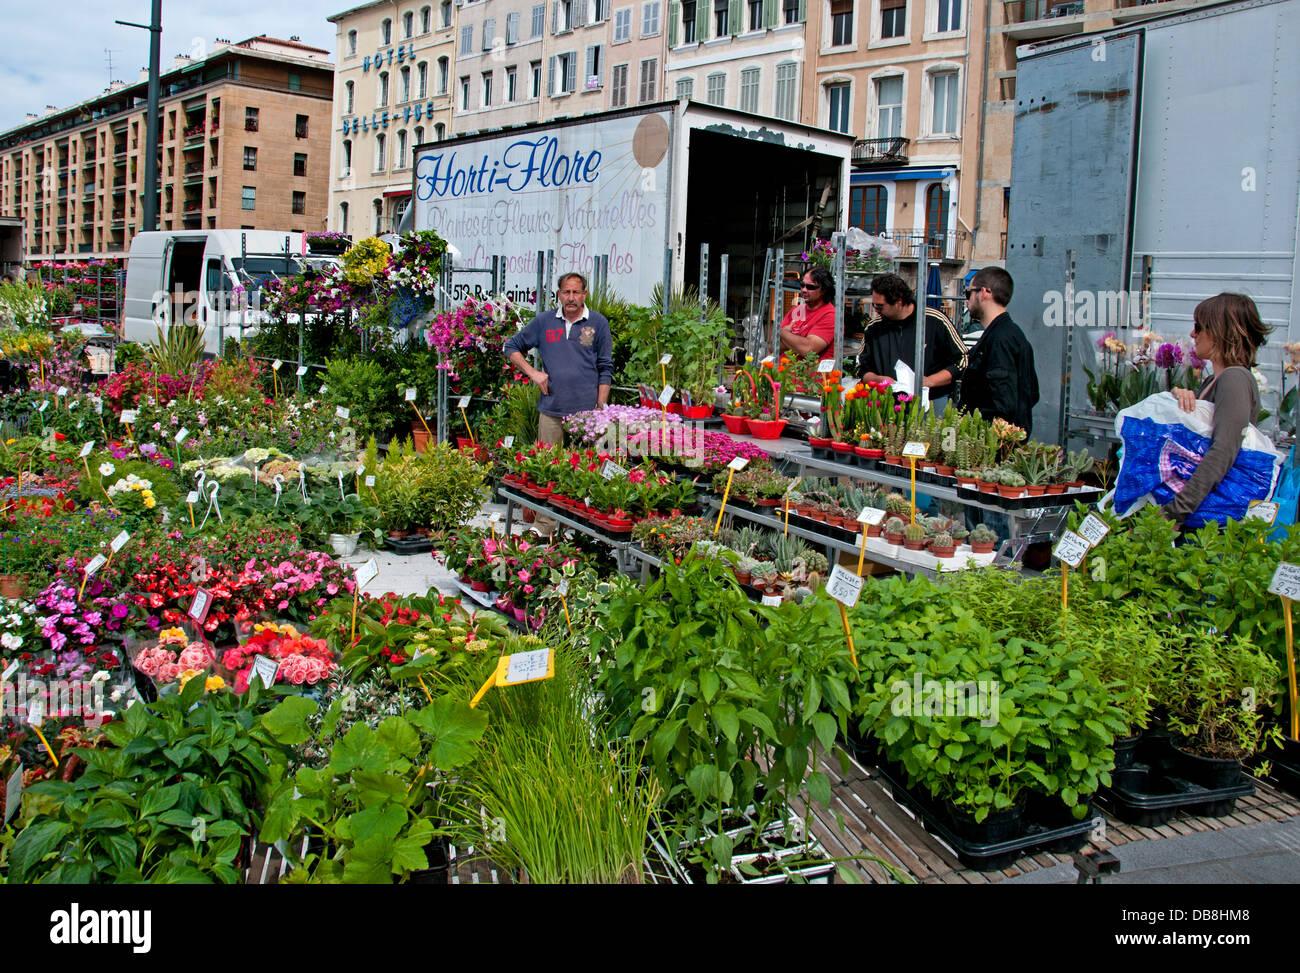 Marche Aux Fleurs Vieux Marseille Vieux Port France Provence French